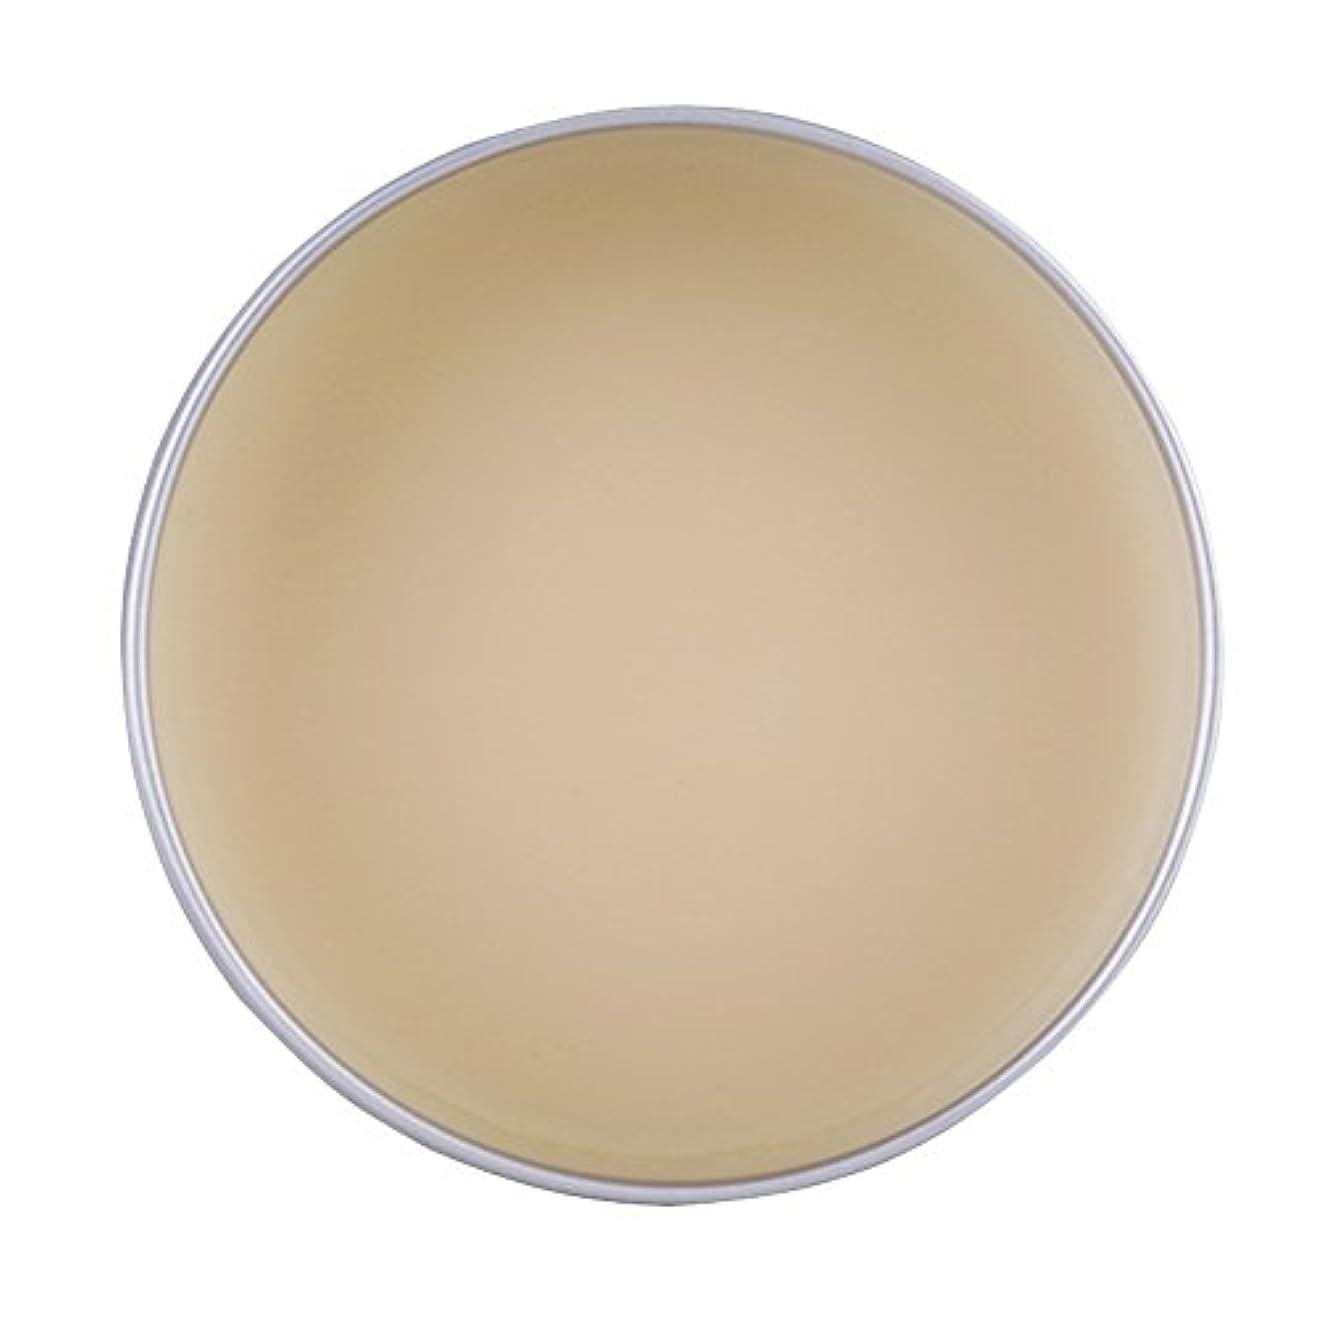 圧倒的浴伝える5タイププロフェッショナル偽の創傷修復カバー瘢痕眉毛クリームワックスメイクアップ化粧品(2)